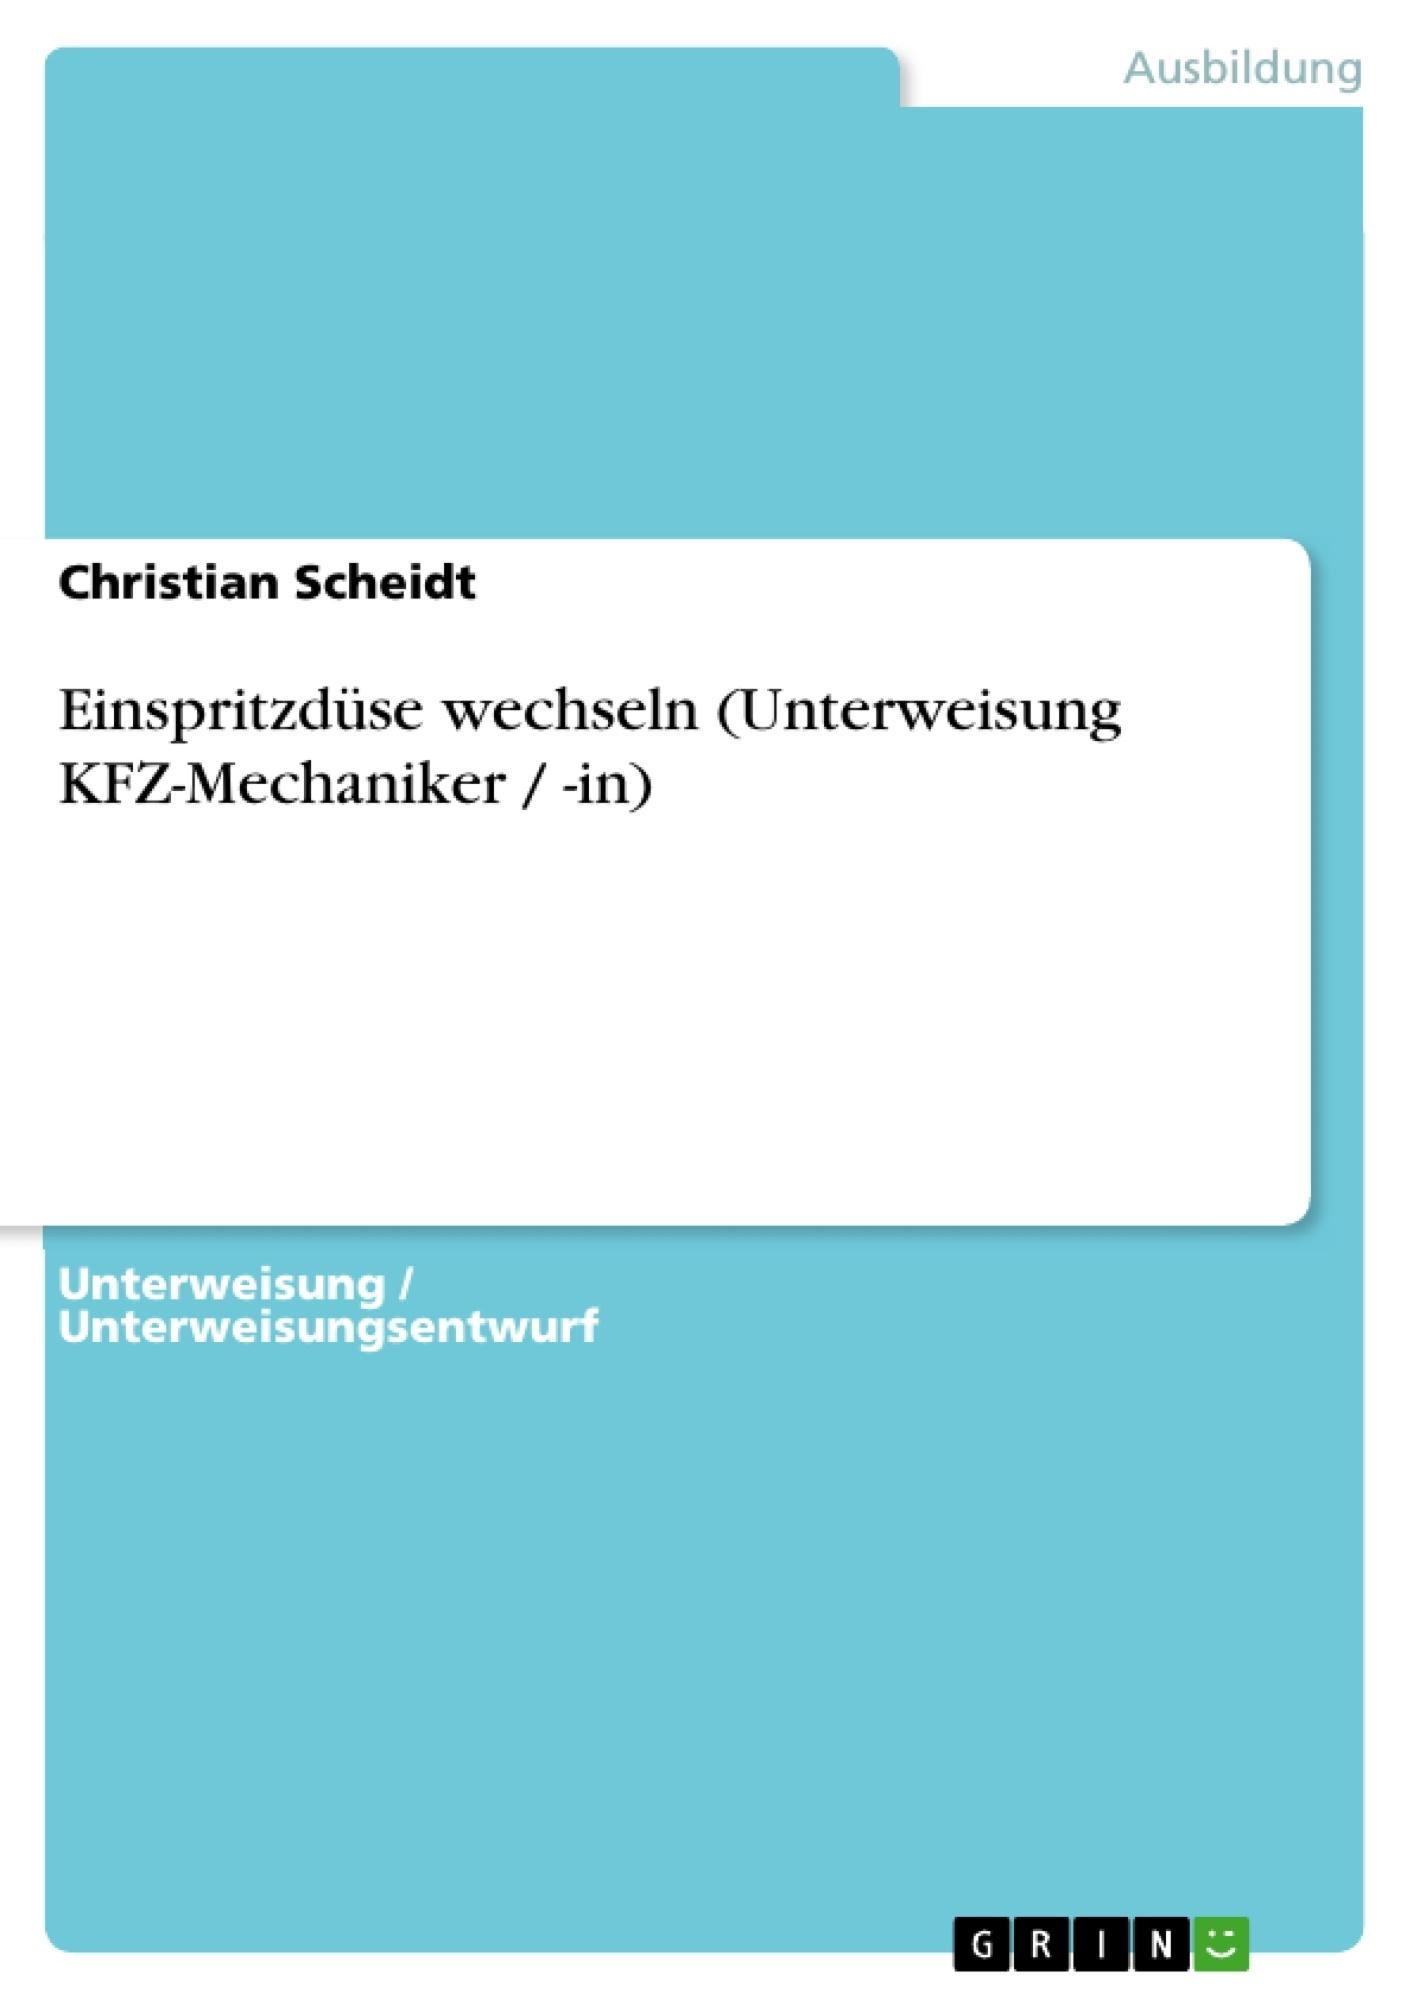 Titel: Einspritzdüse wechseln (Unterweisung KFZ-Mechaniker / -in)